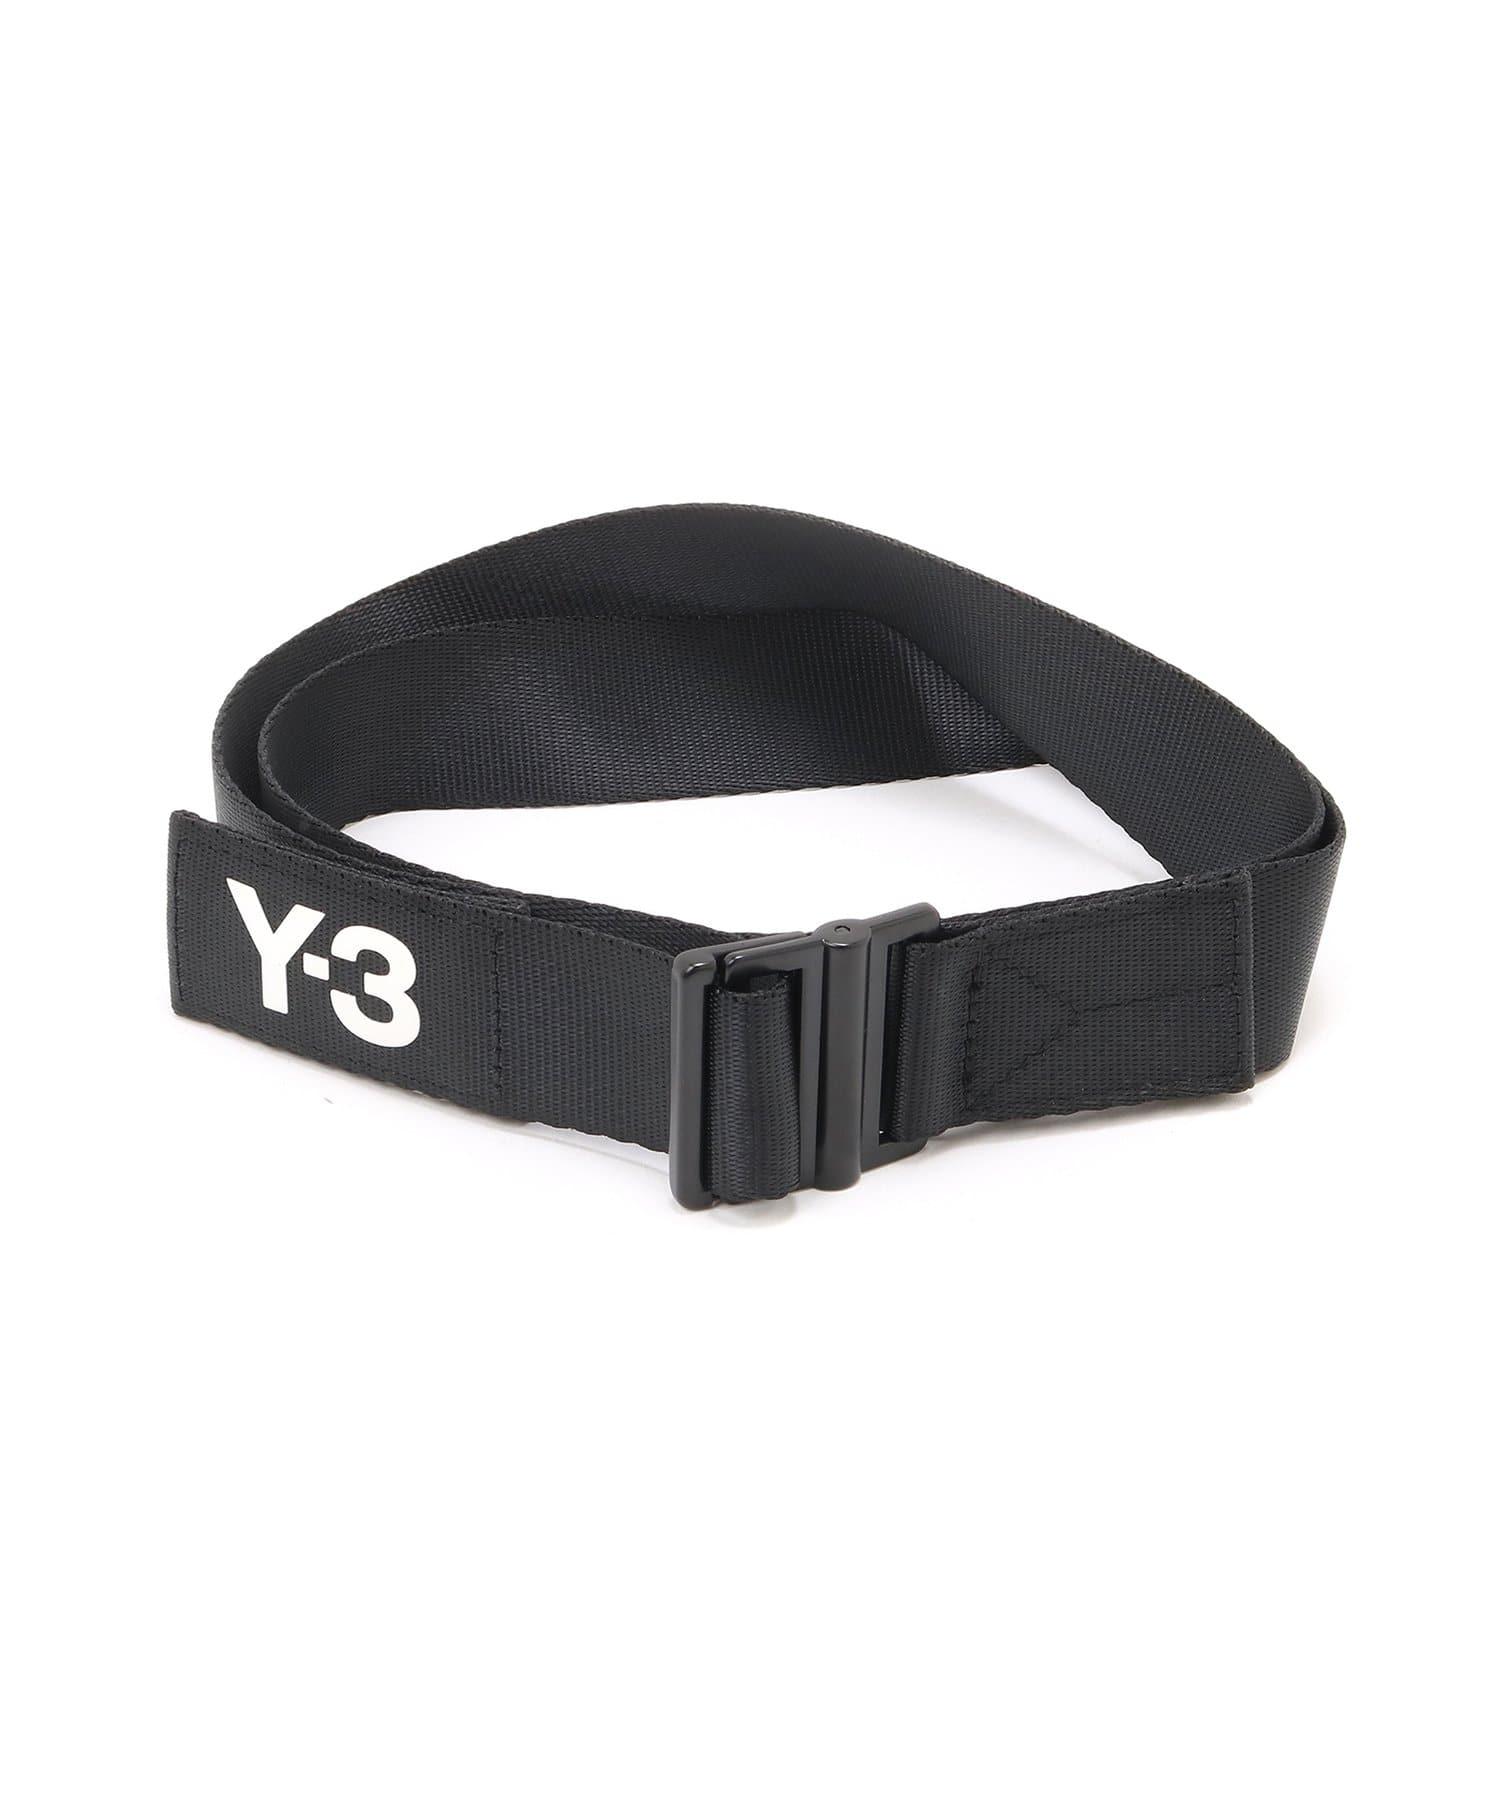 Lui's(ルイス) メンズ 【Y-3】CLASSIC LOGO BELT ブラック